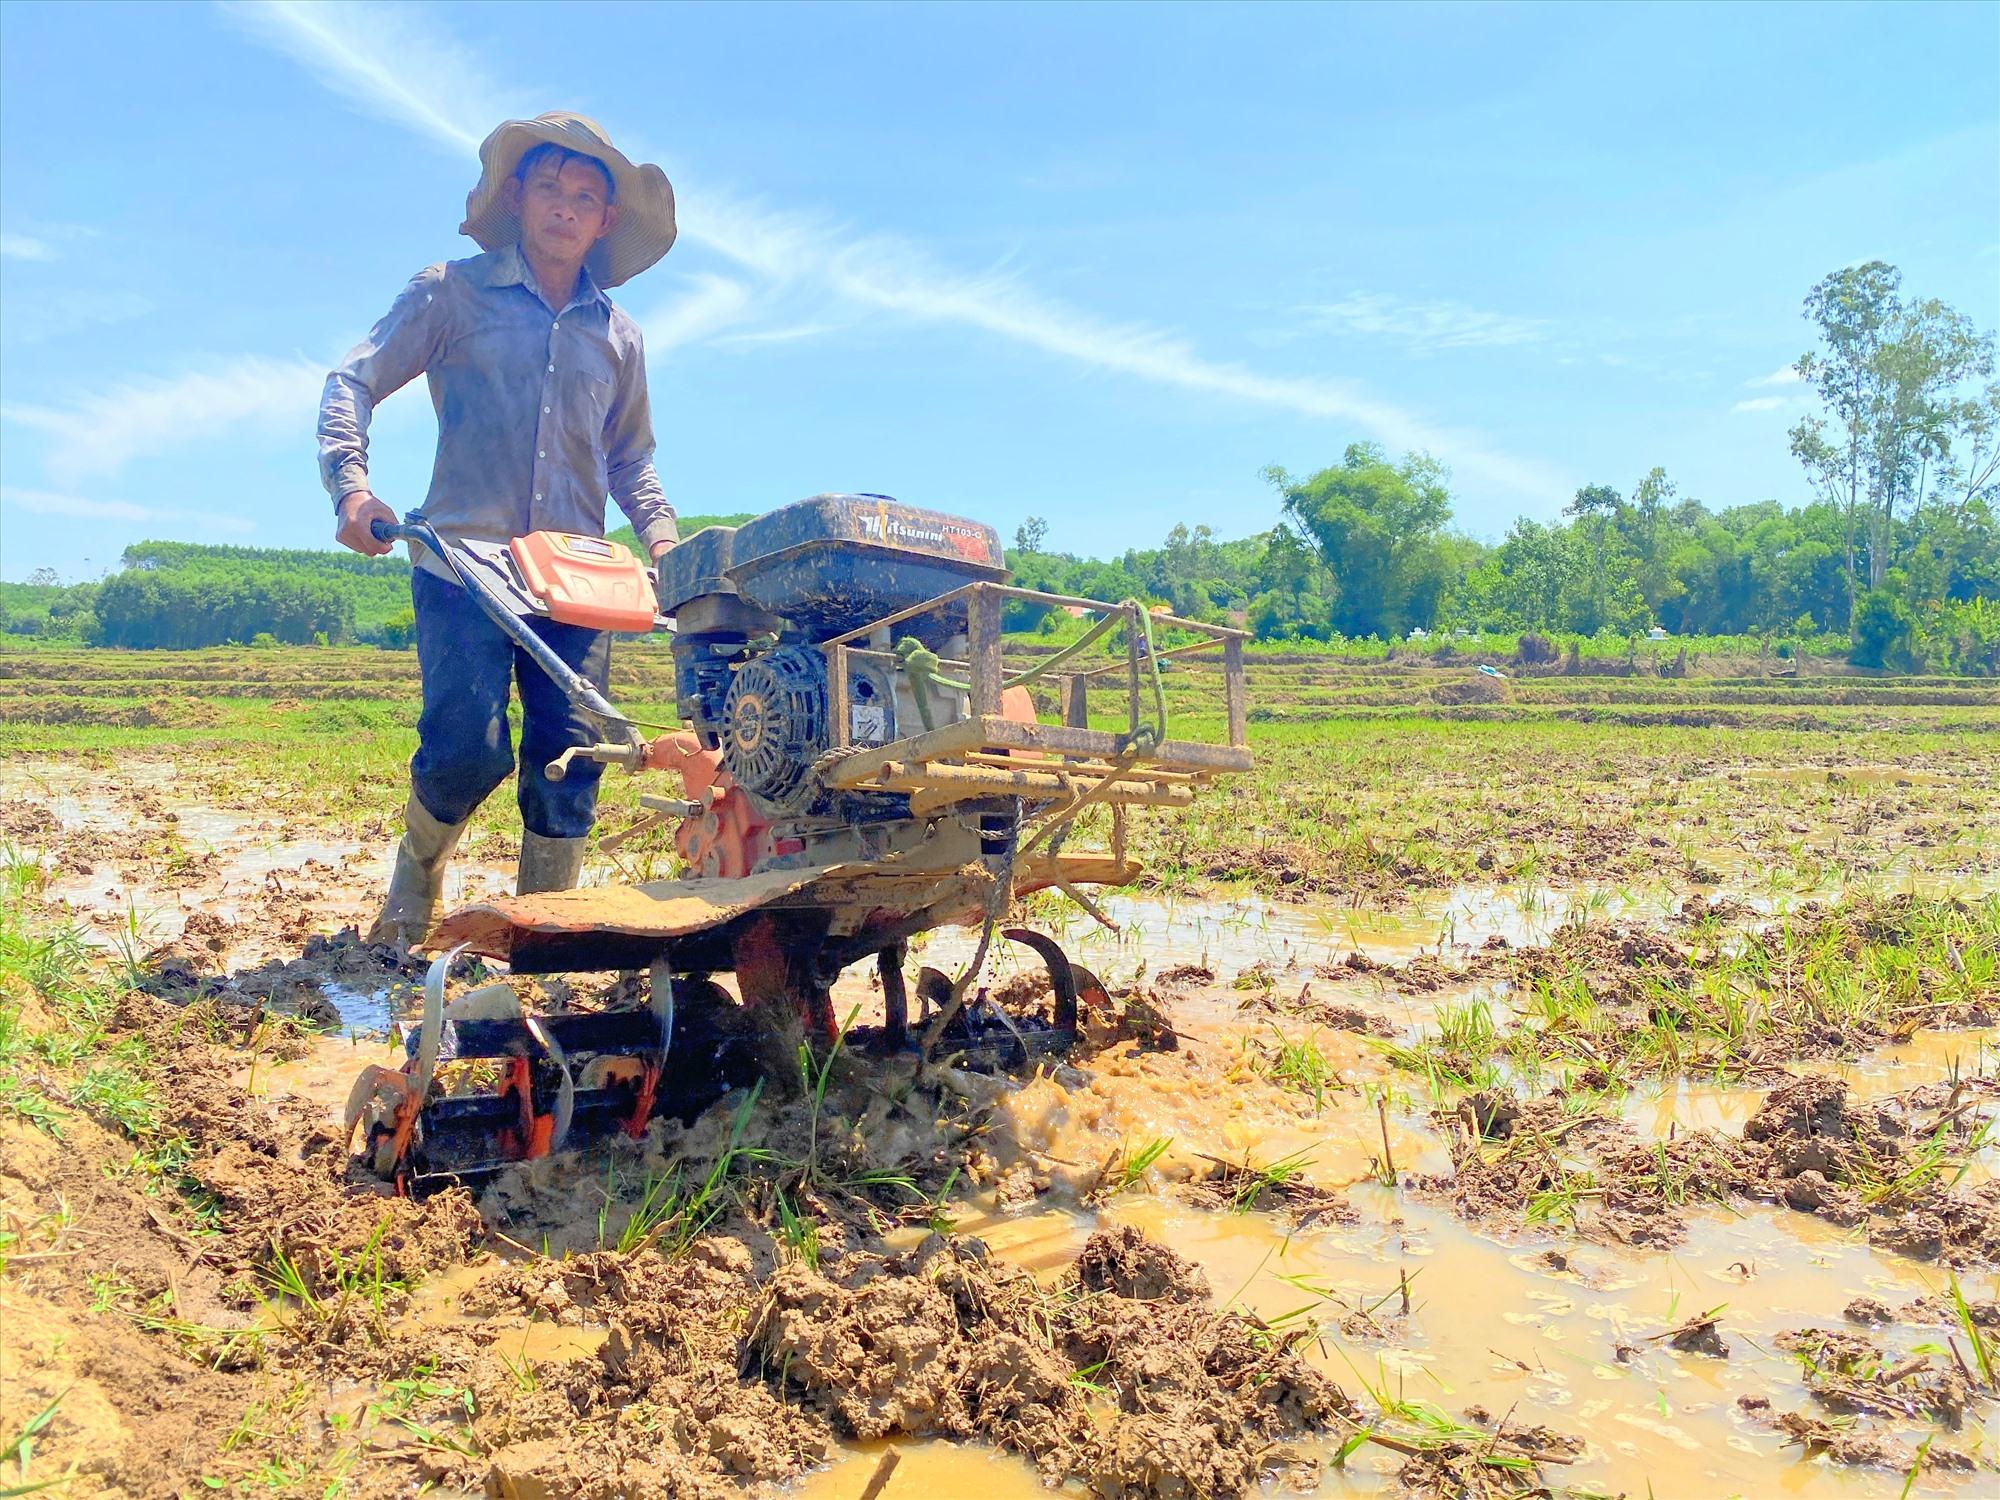 Ông Trần Thọ (thôn Phú Cốc Đông, xã Quế Thọ, Hiệp Đức) cho biết nguồn nước về ruộng kịp thời cho sản xuất vụ hè thu. Ảnh:T.SỸ